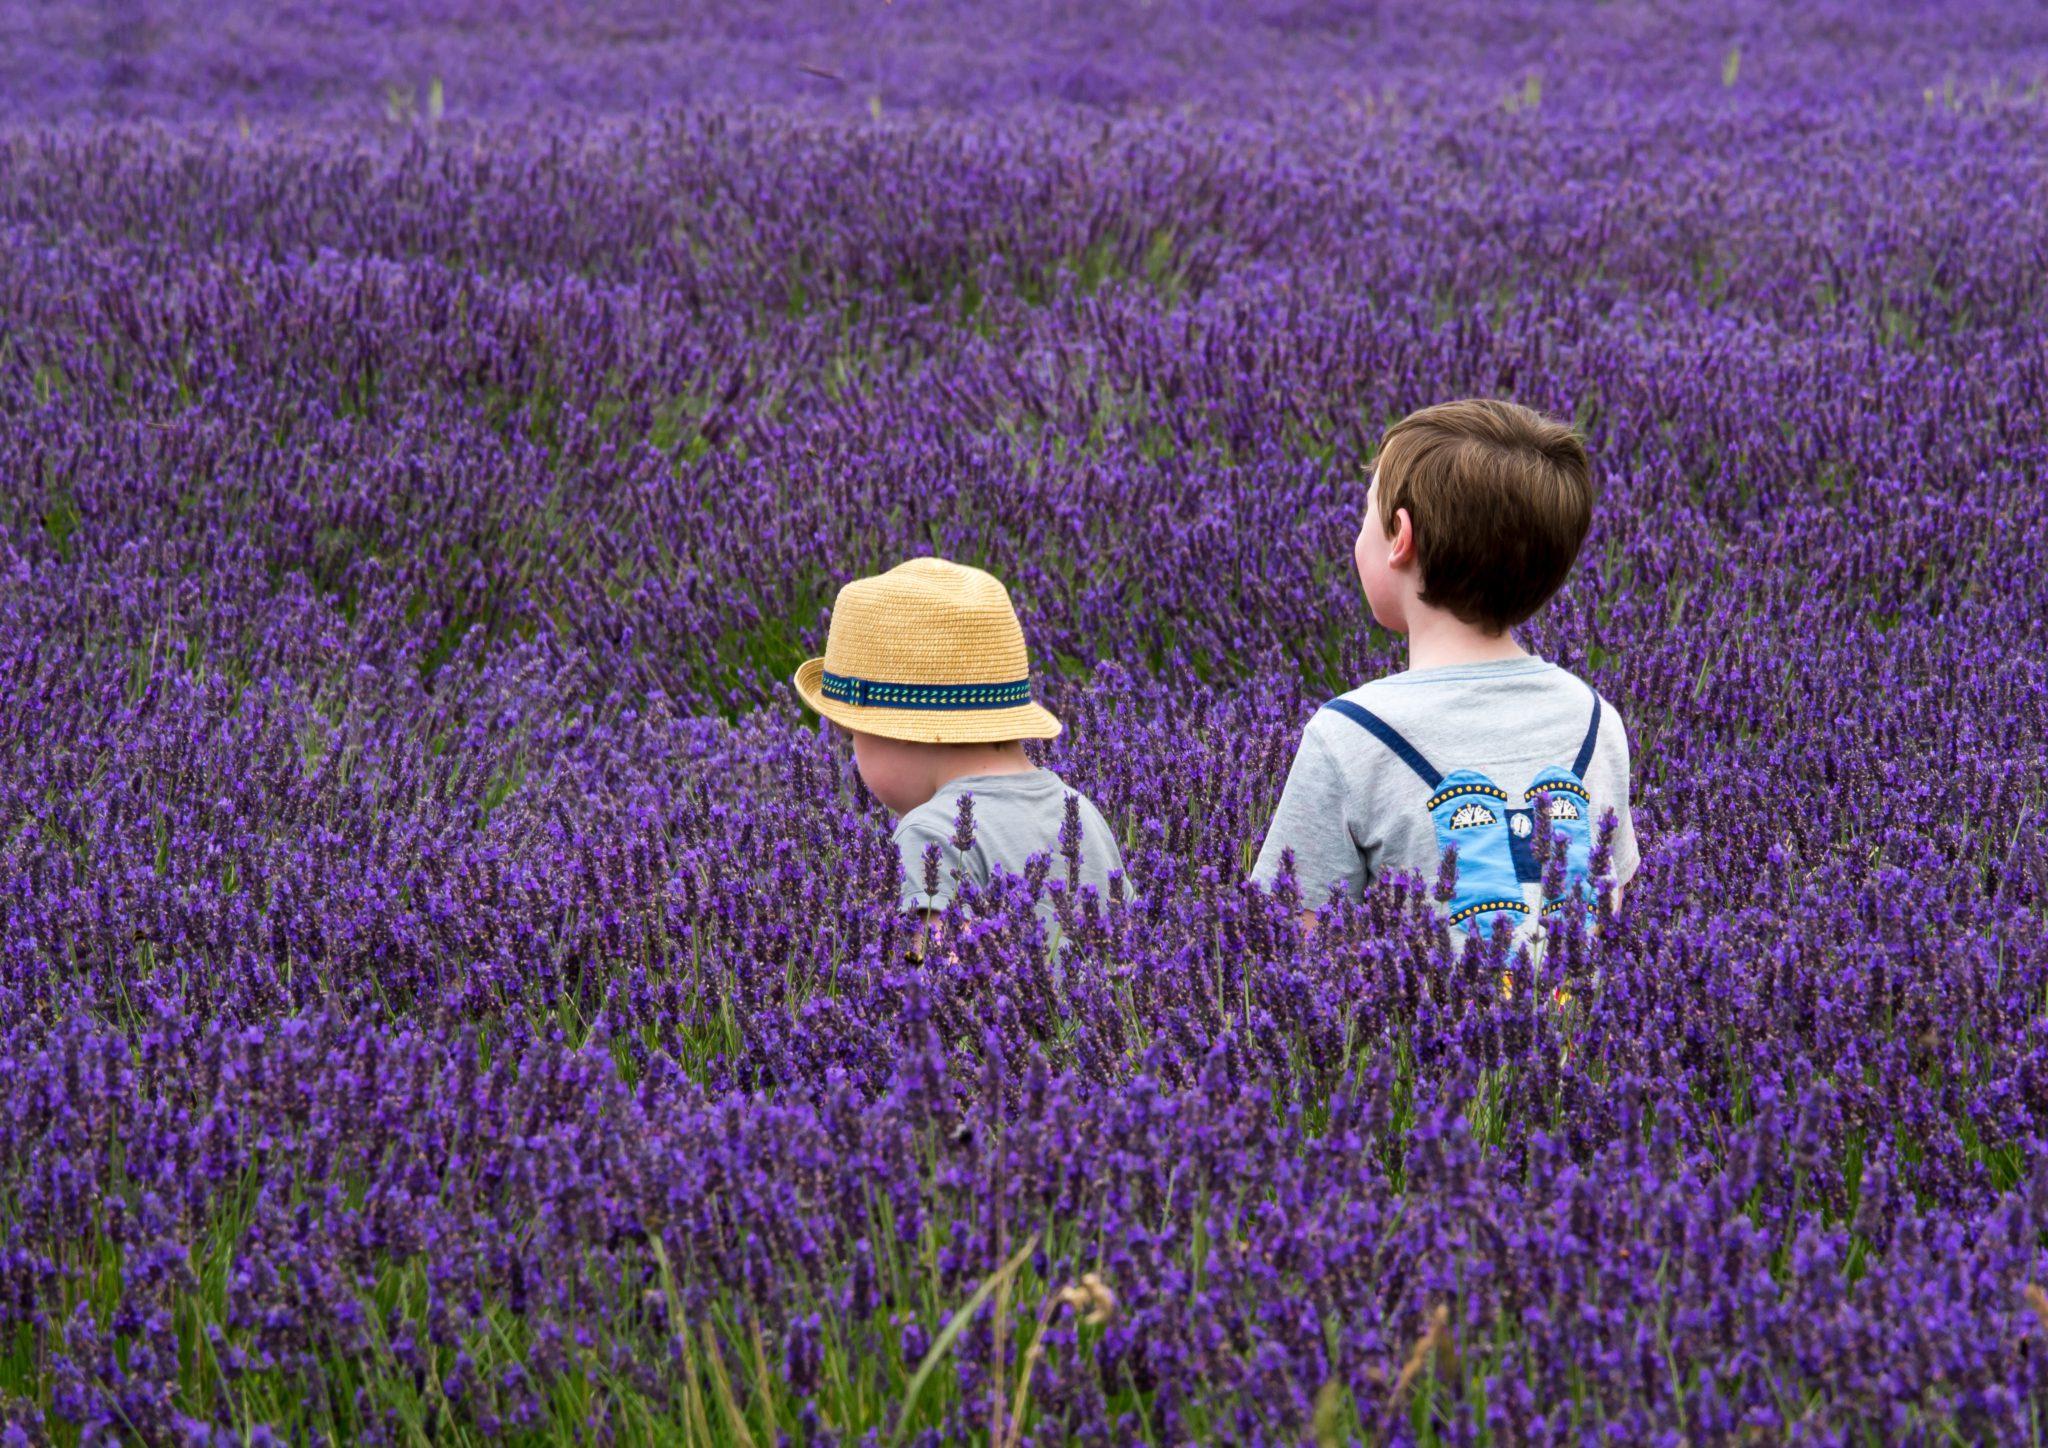 enfants dans champ de lavande en Provence vacances printemps 2020